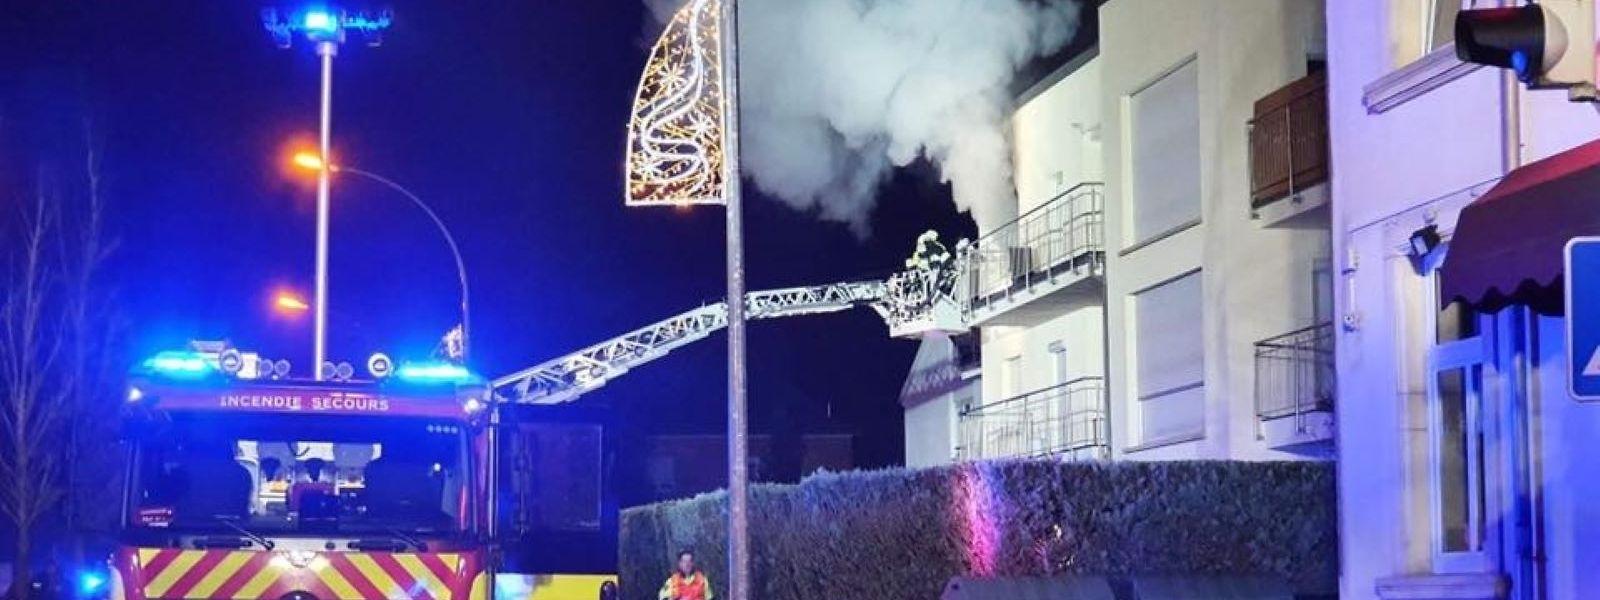 Ein Mann starb am Tag nach dem Brand an seinen schweren Verletzungen.